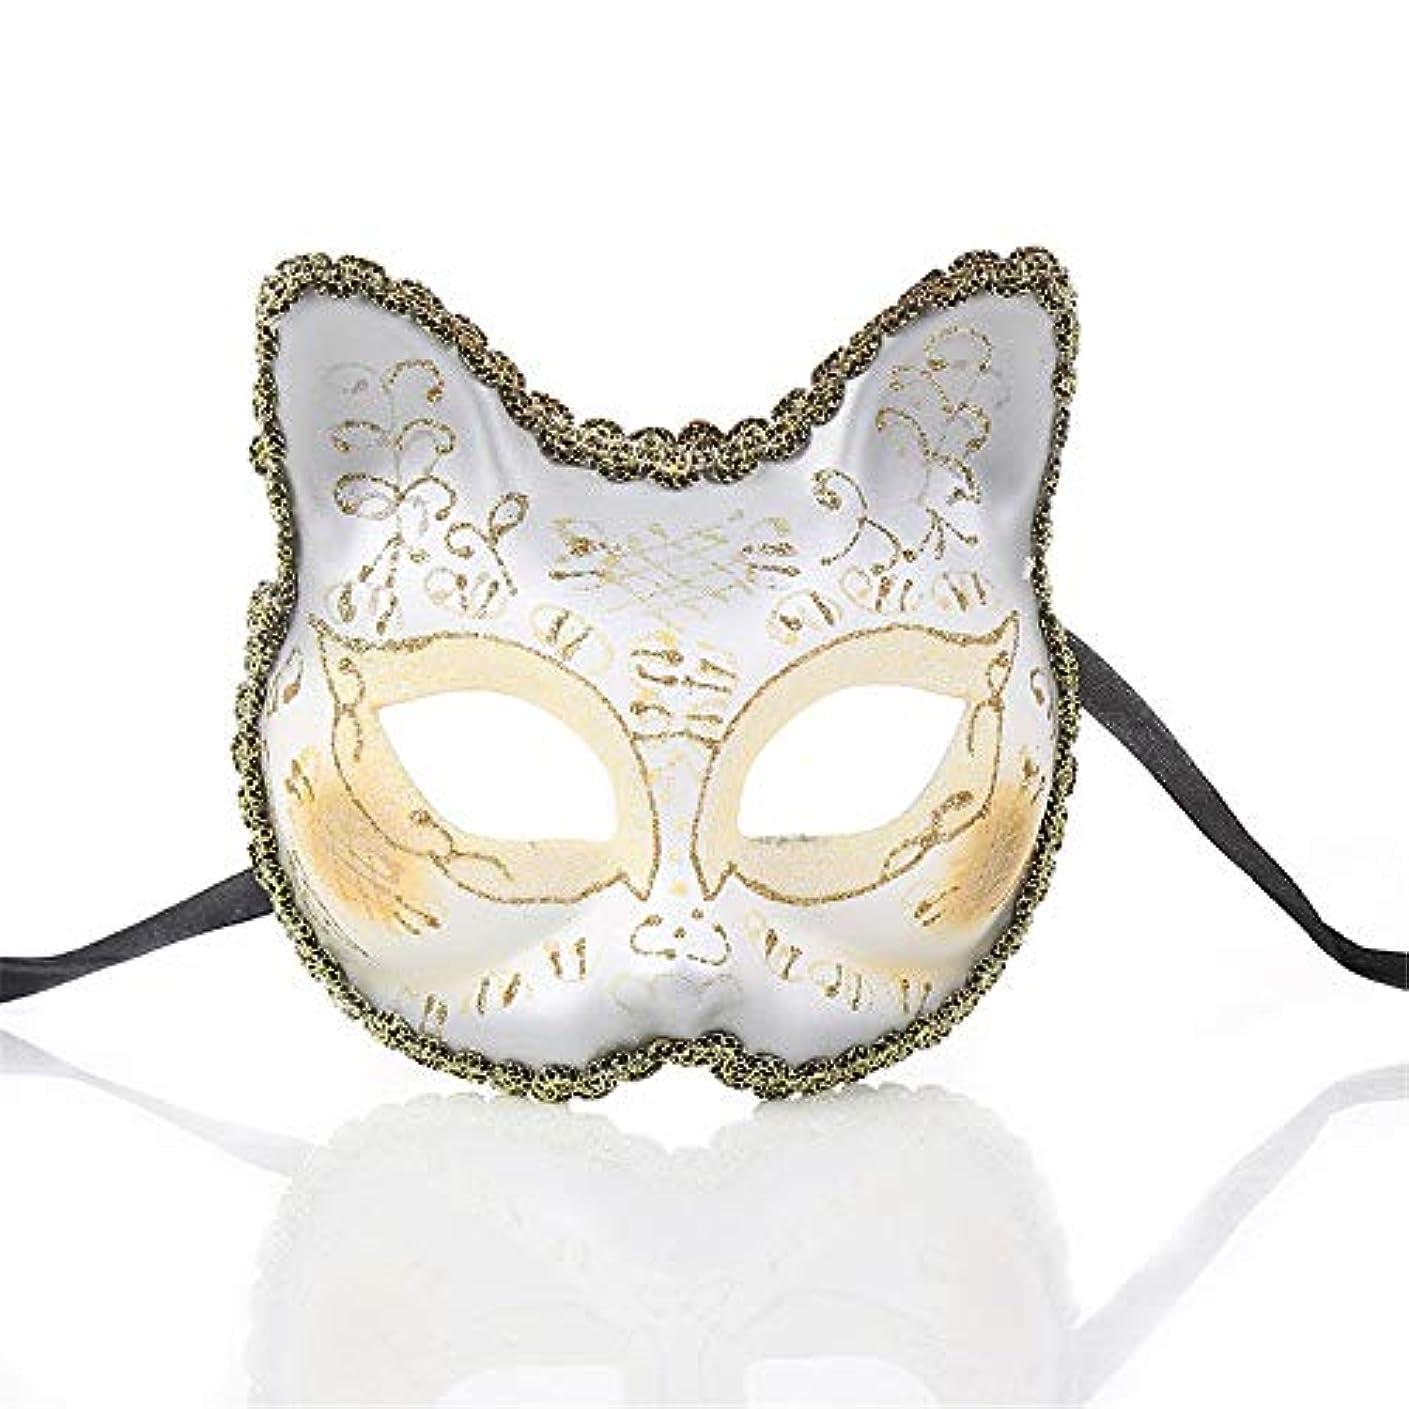 鈍い衝撃持続的ダンスマスク ワイルドマスカレードロールプレイングパーティーの小道具ナイトクラブのマスクの雰囲気クリスマスフェスティバルロールプレイングプラスチックマスク ホリデーパーティー用品 (色 : 白, サイズ : 13x13cm)